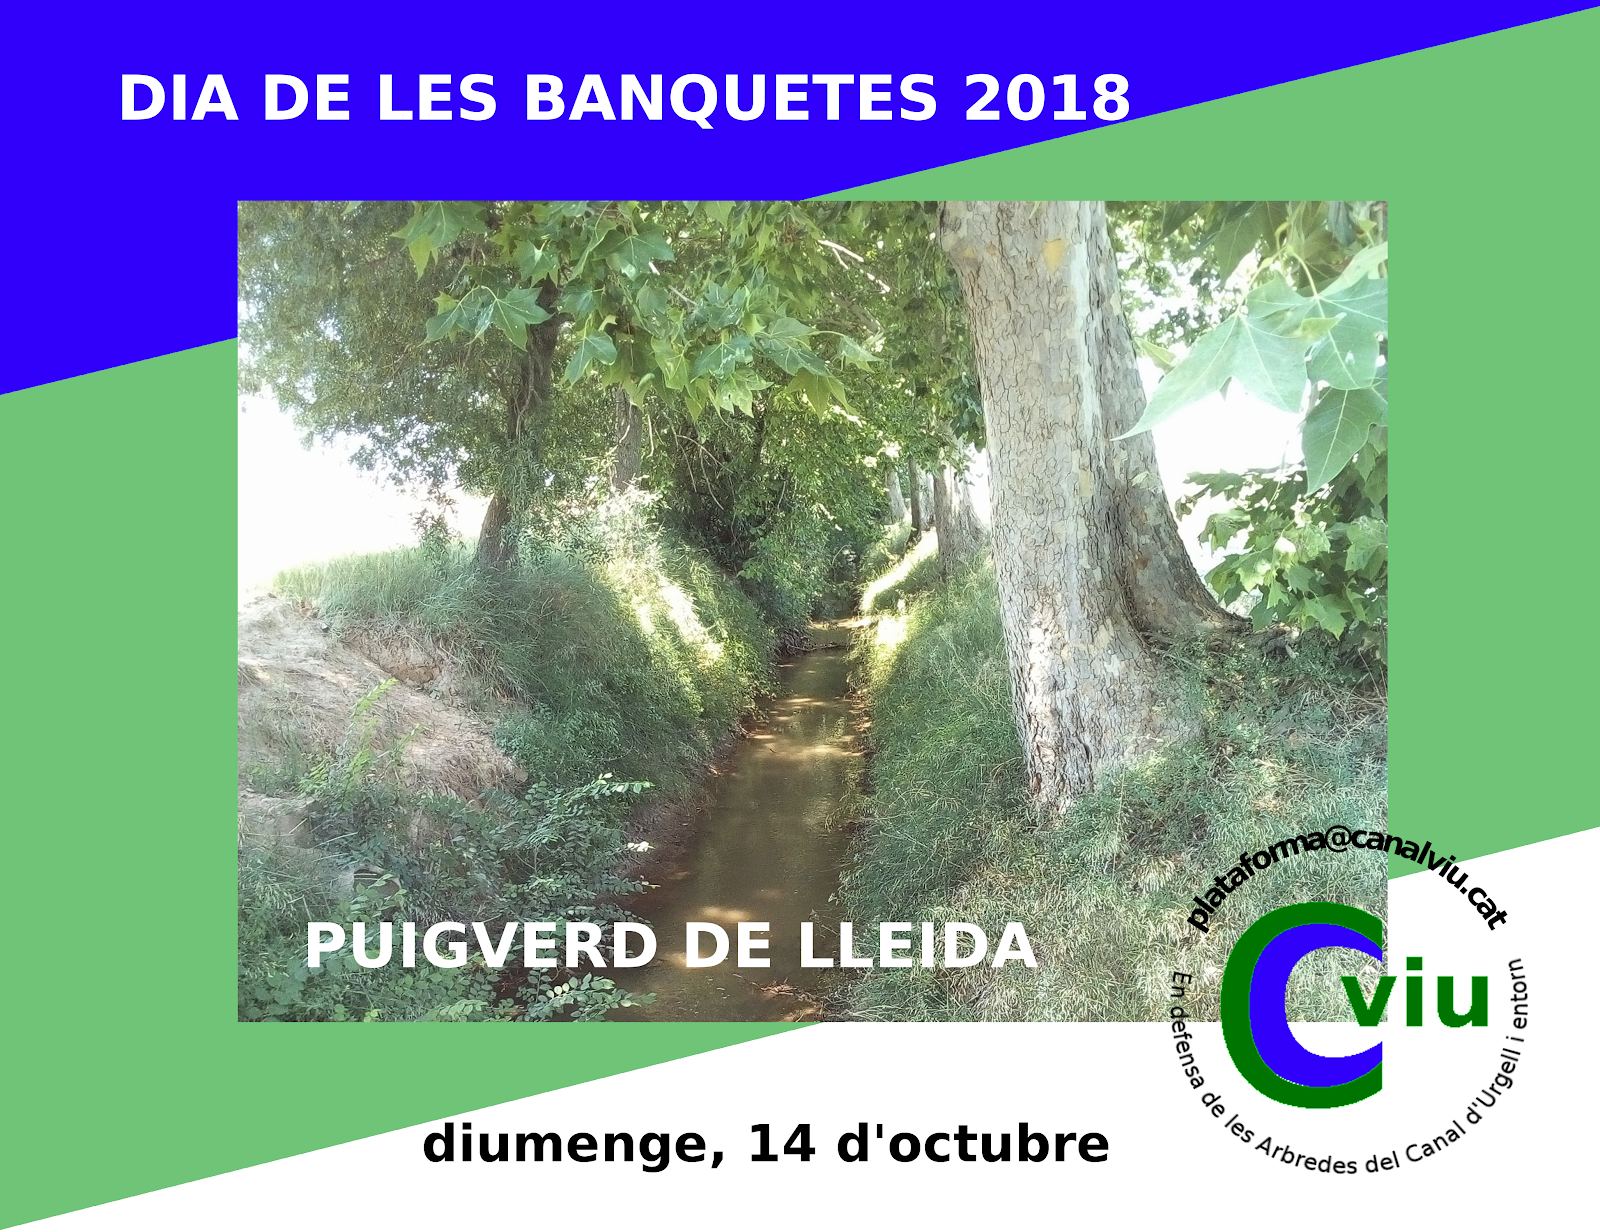 DIA DE LES BANQUETES 2018